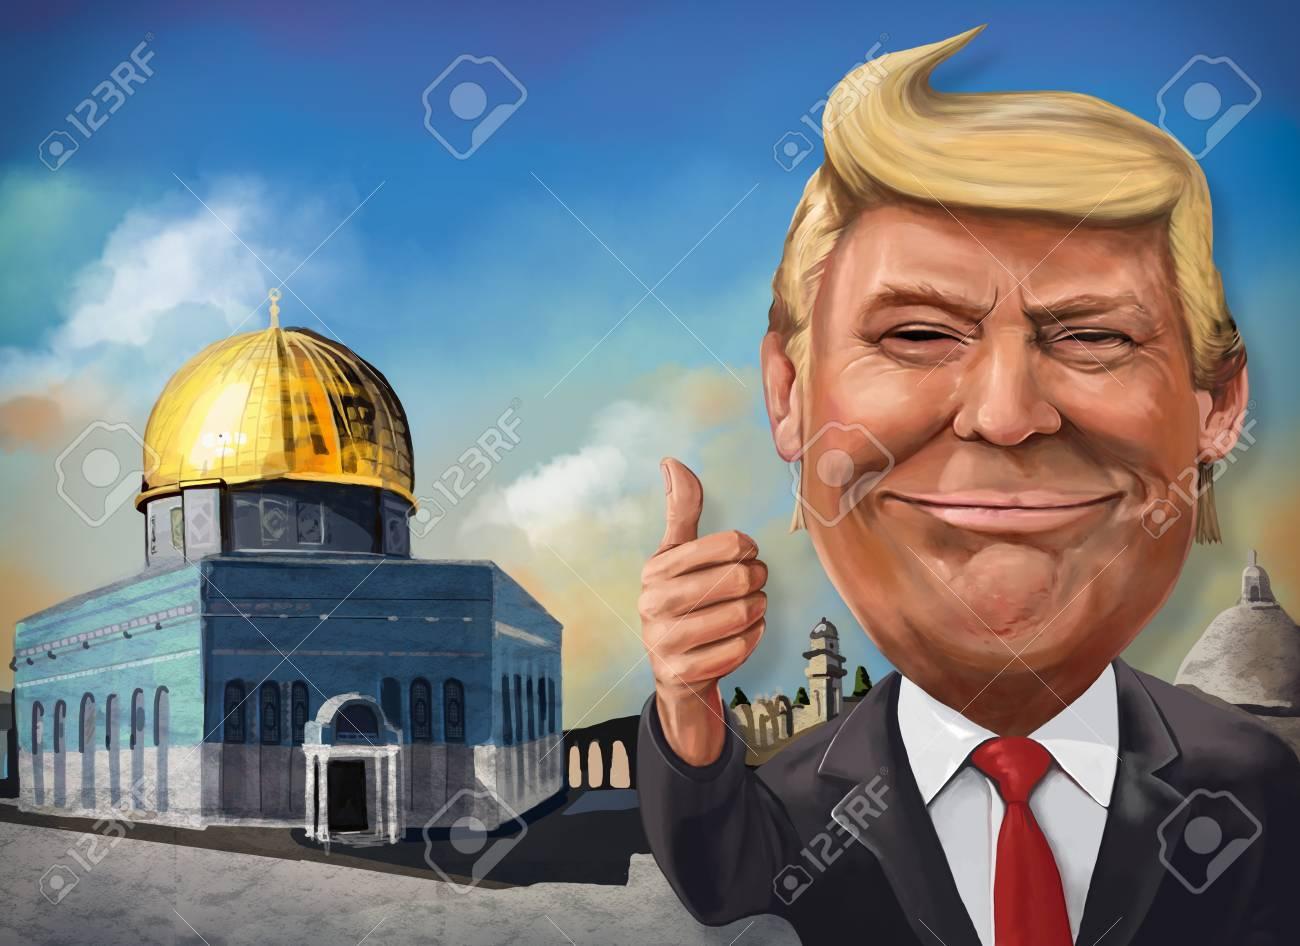 17 De Dezembro Desenho Animado Tematico De Jerusalem De Donald